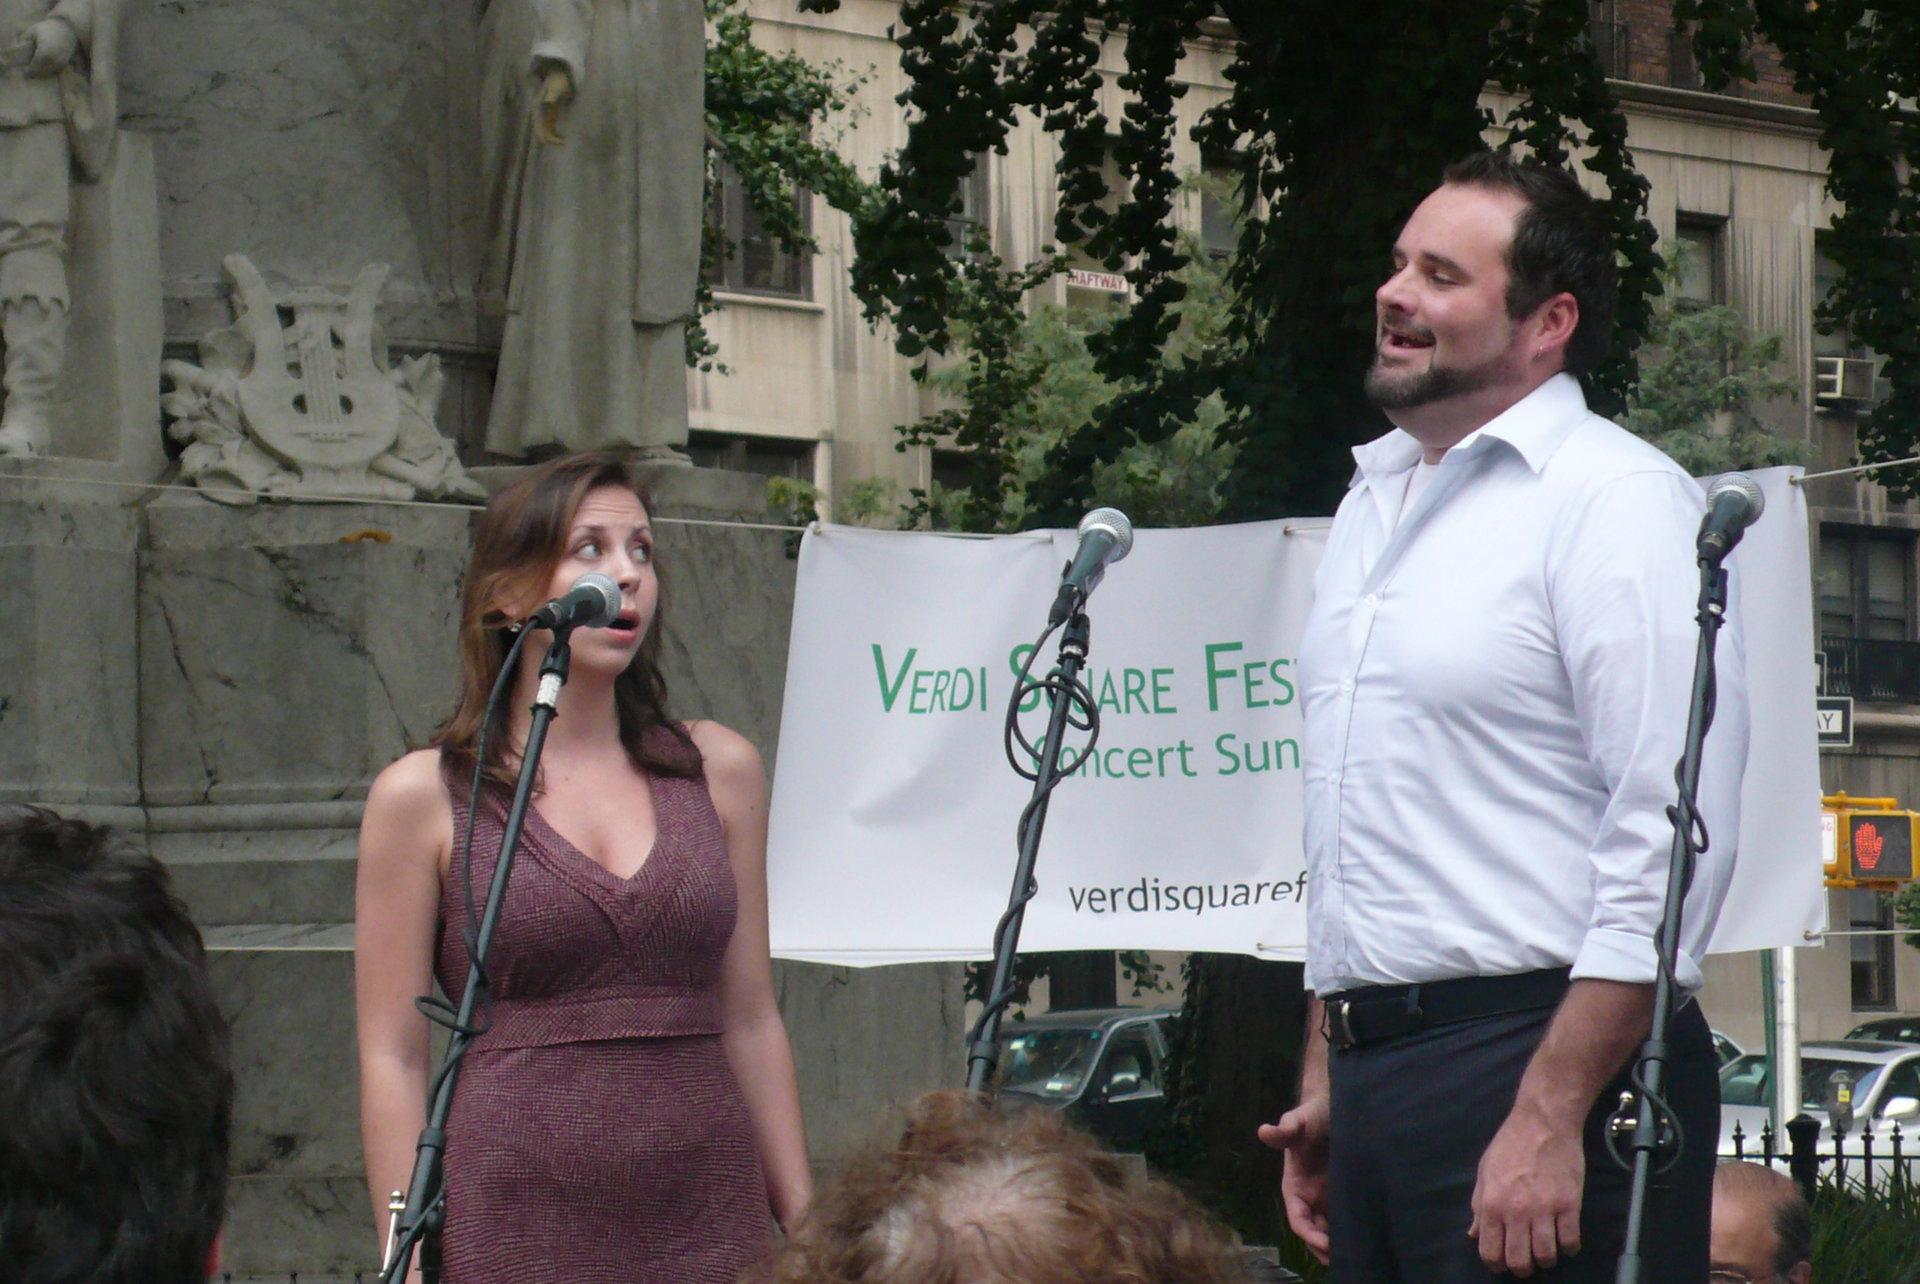 Verdi Square Festival, 2007